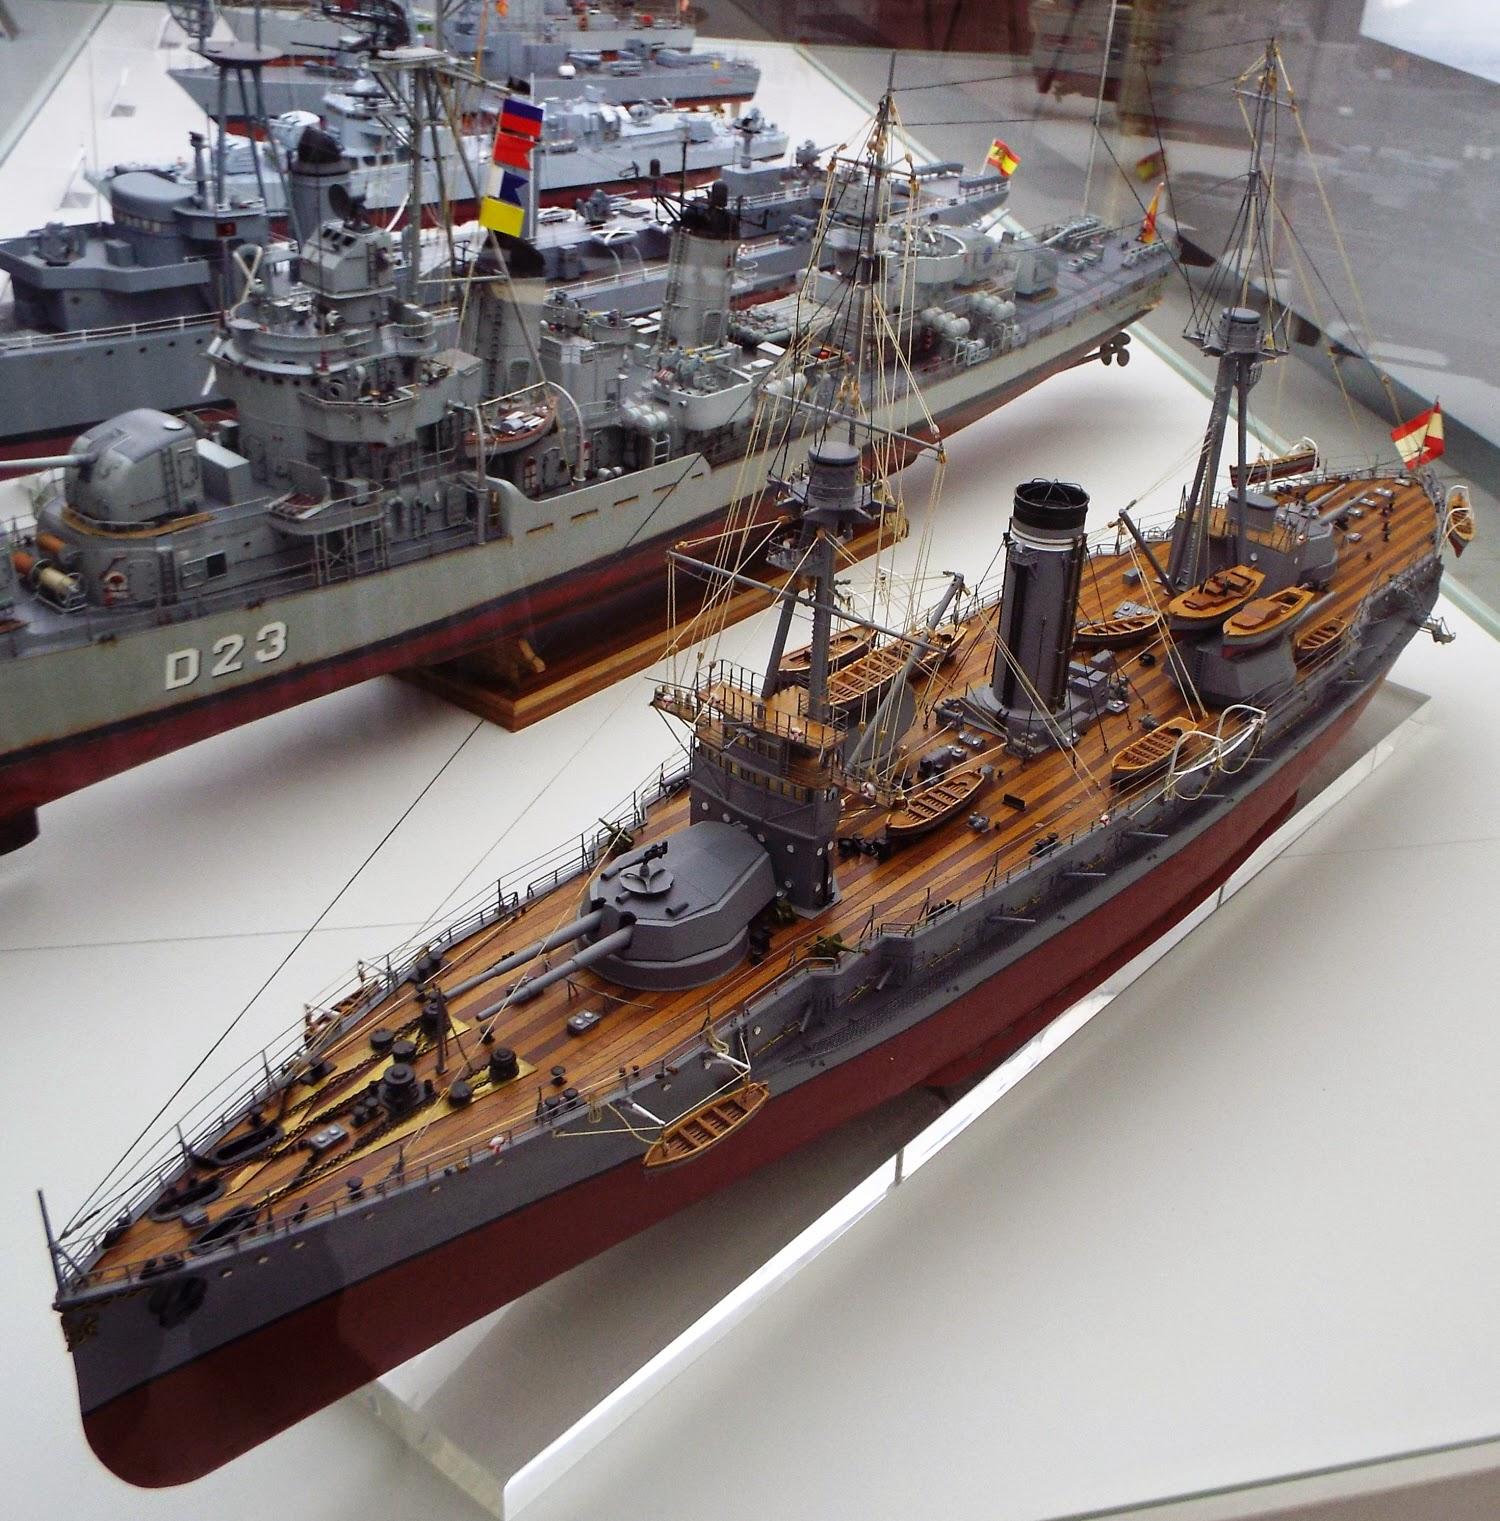 I have been to … Cartagena Naval Museum, Cartagena, Spain